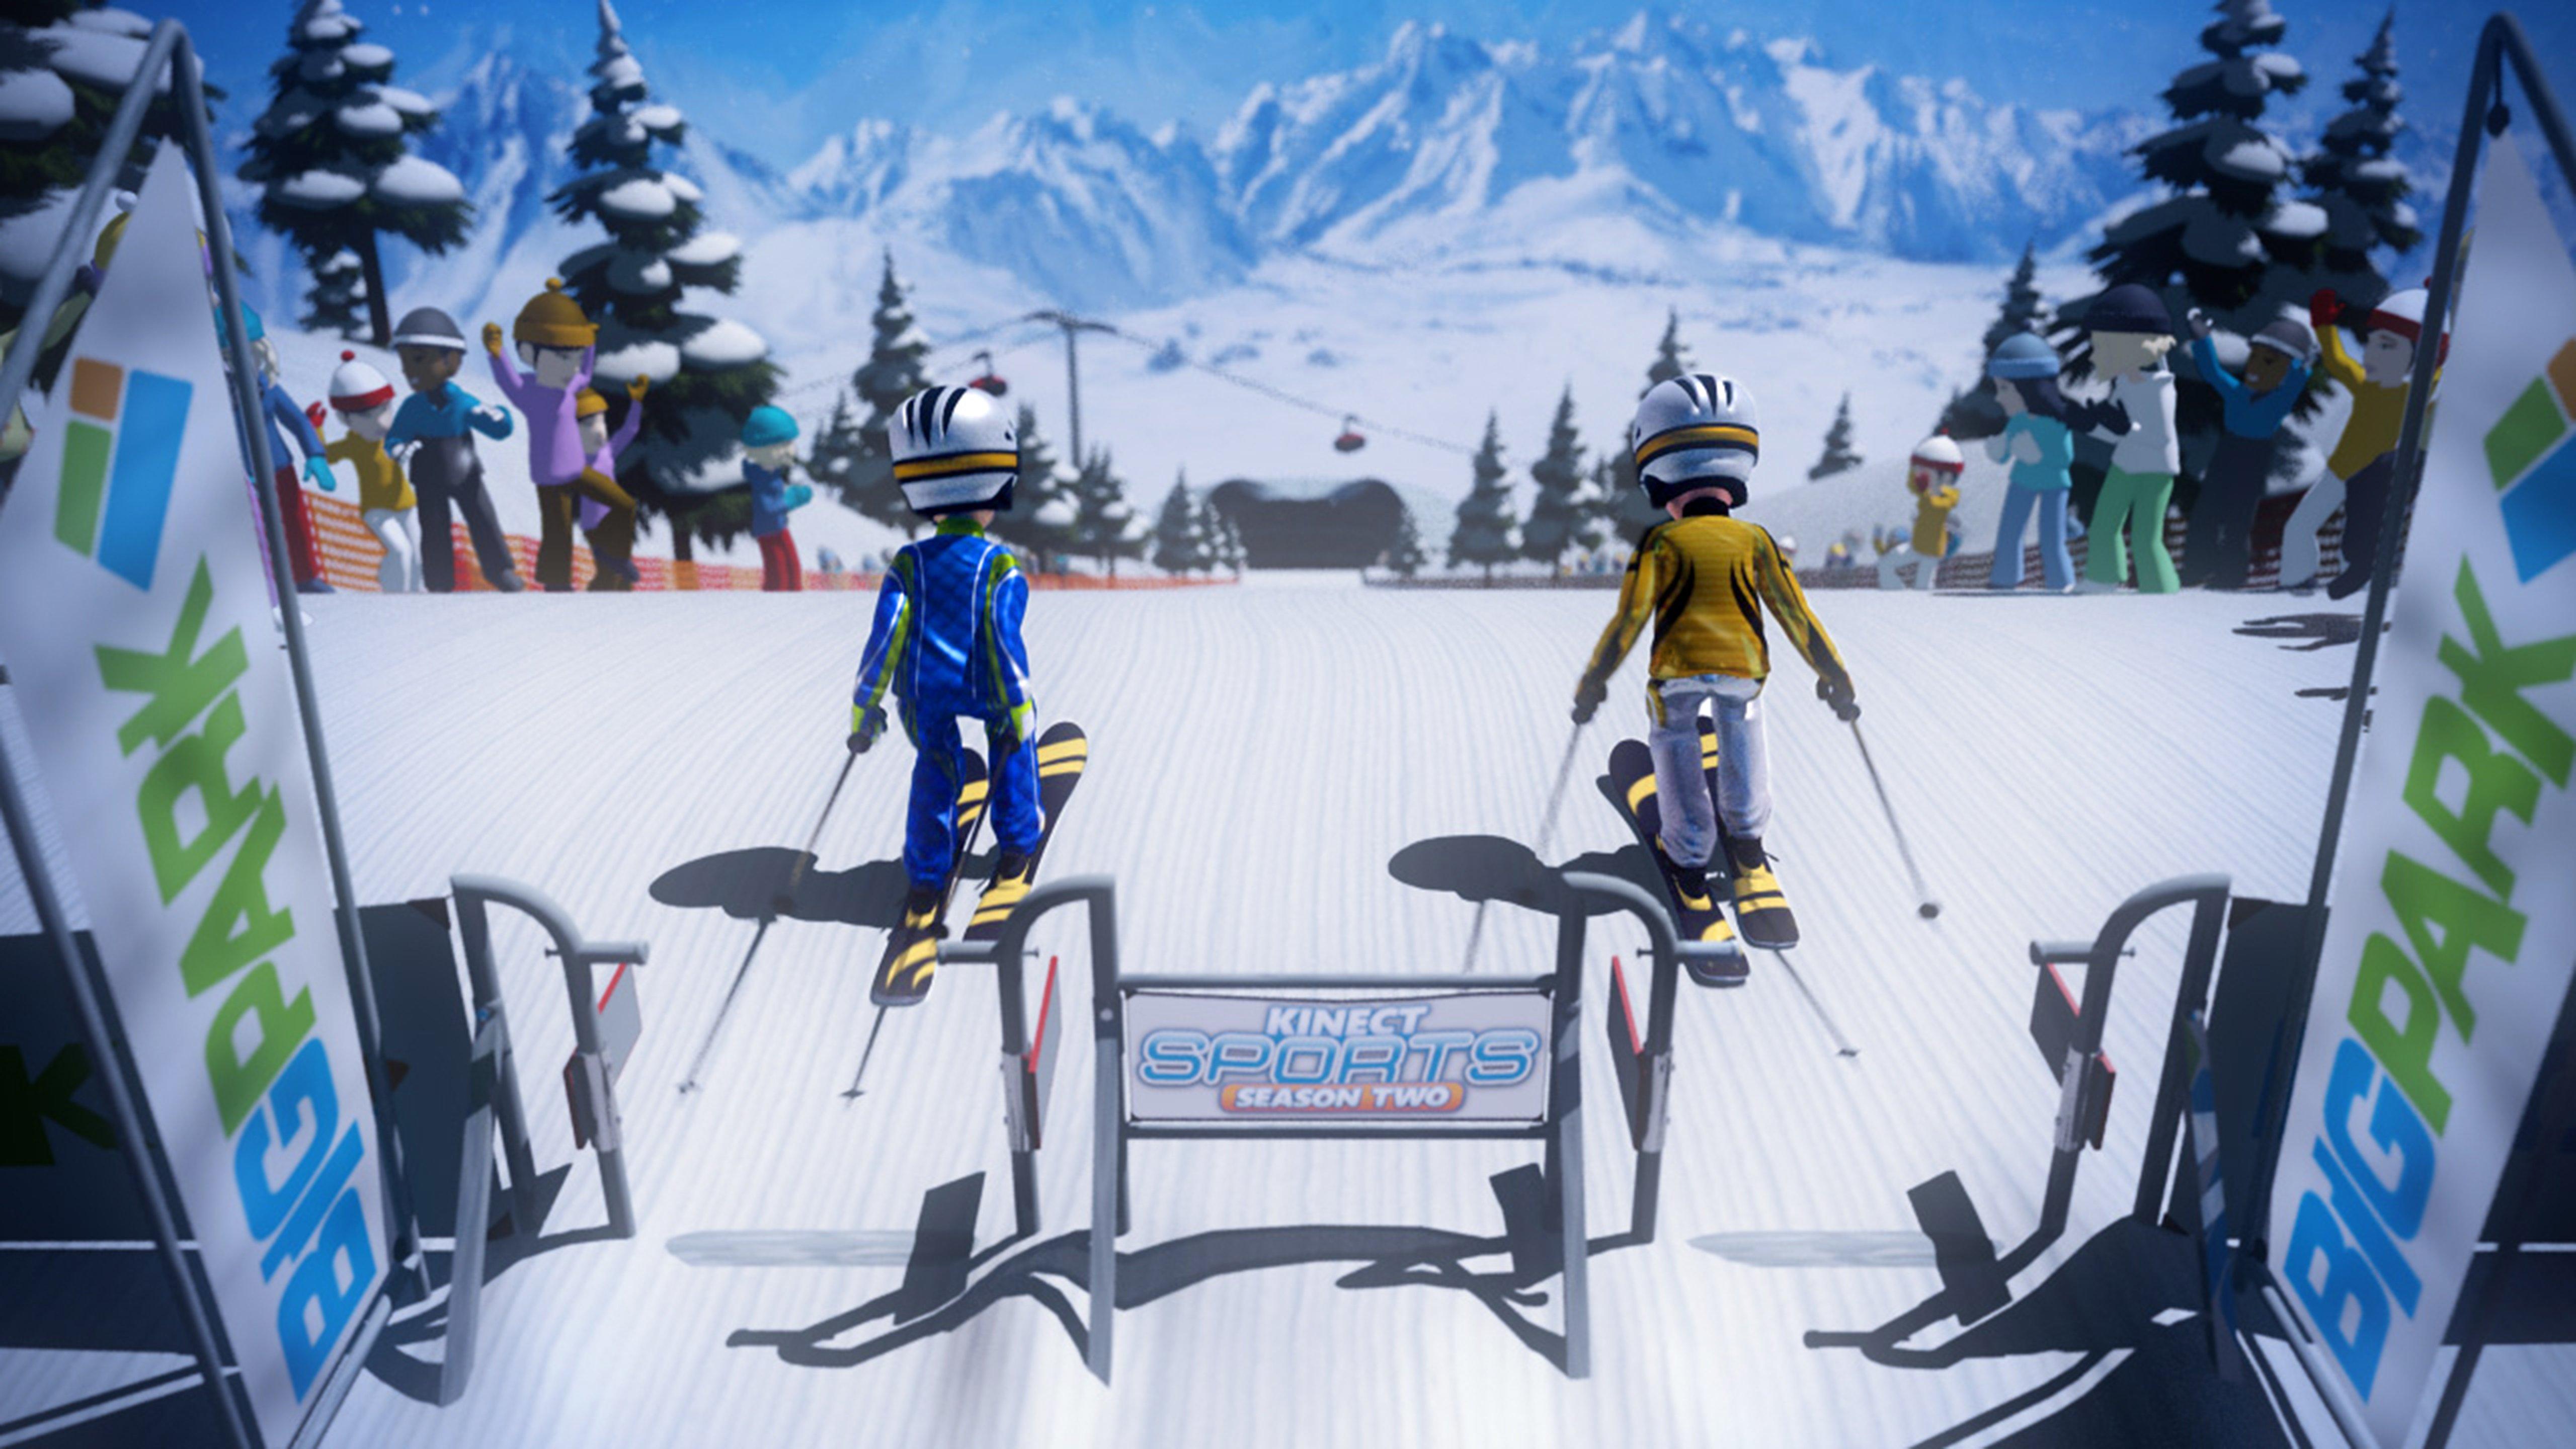 Лыжный спорт - Kinect Sports: Season Two 5K